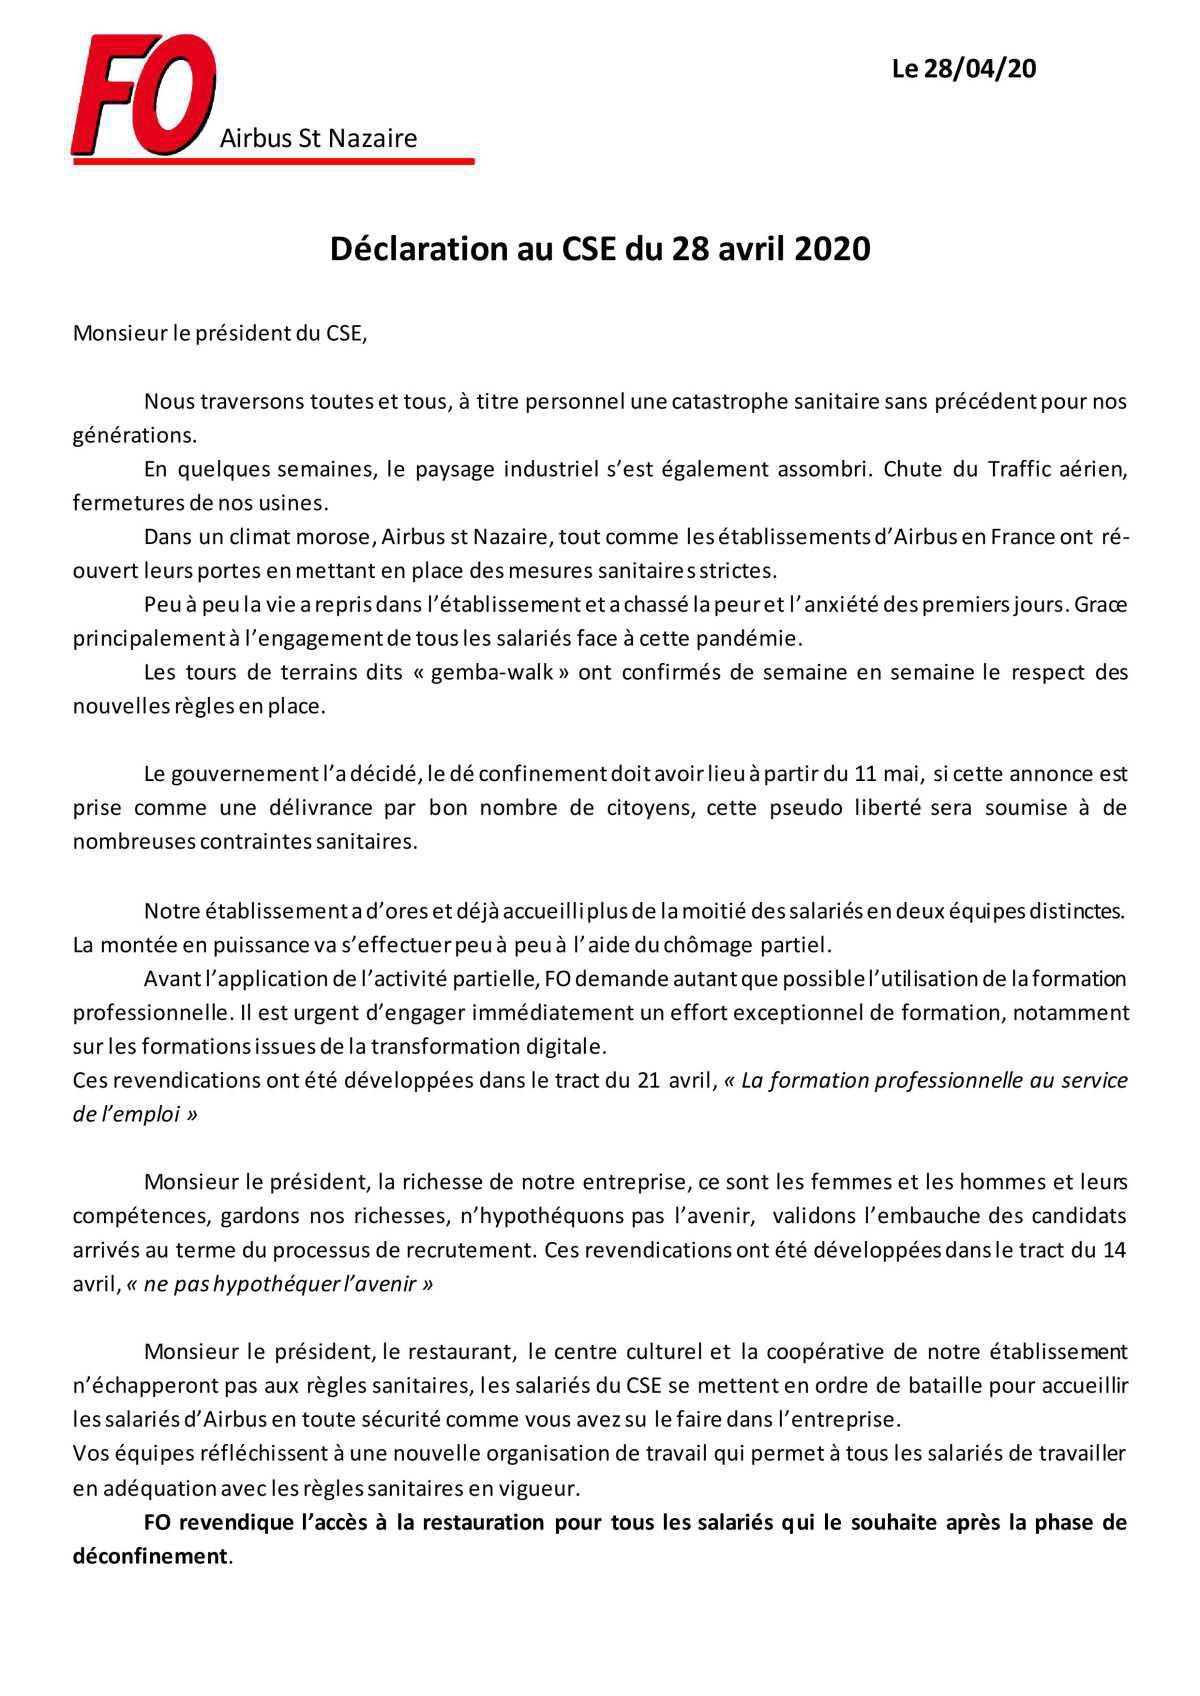 Déclaration au CSE-E du 28/04/2020